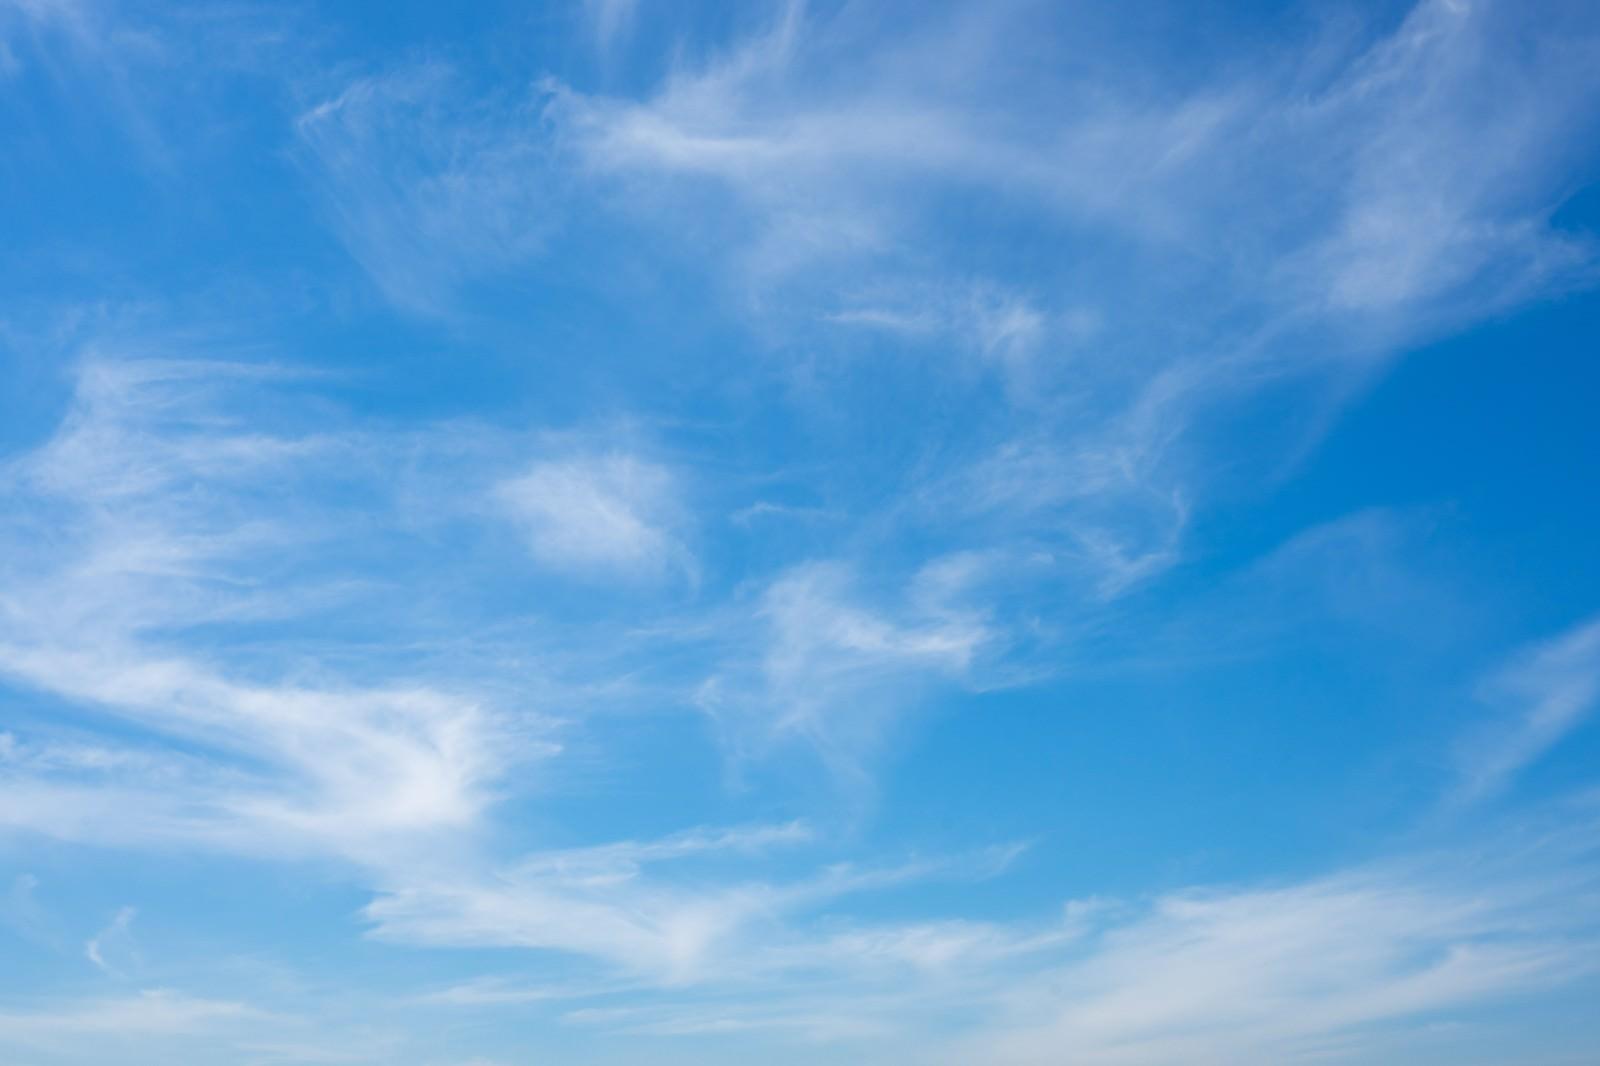 日中の青空 無料の写真素材はフリー素材のぱくたそ